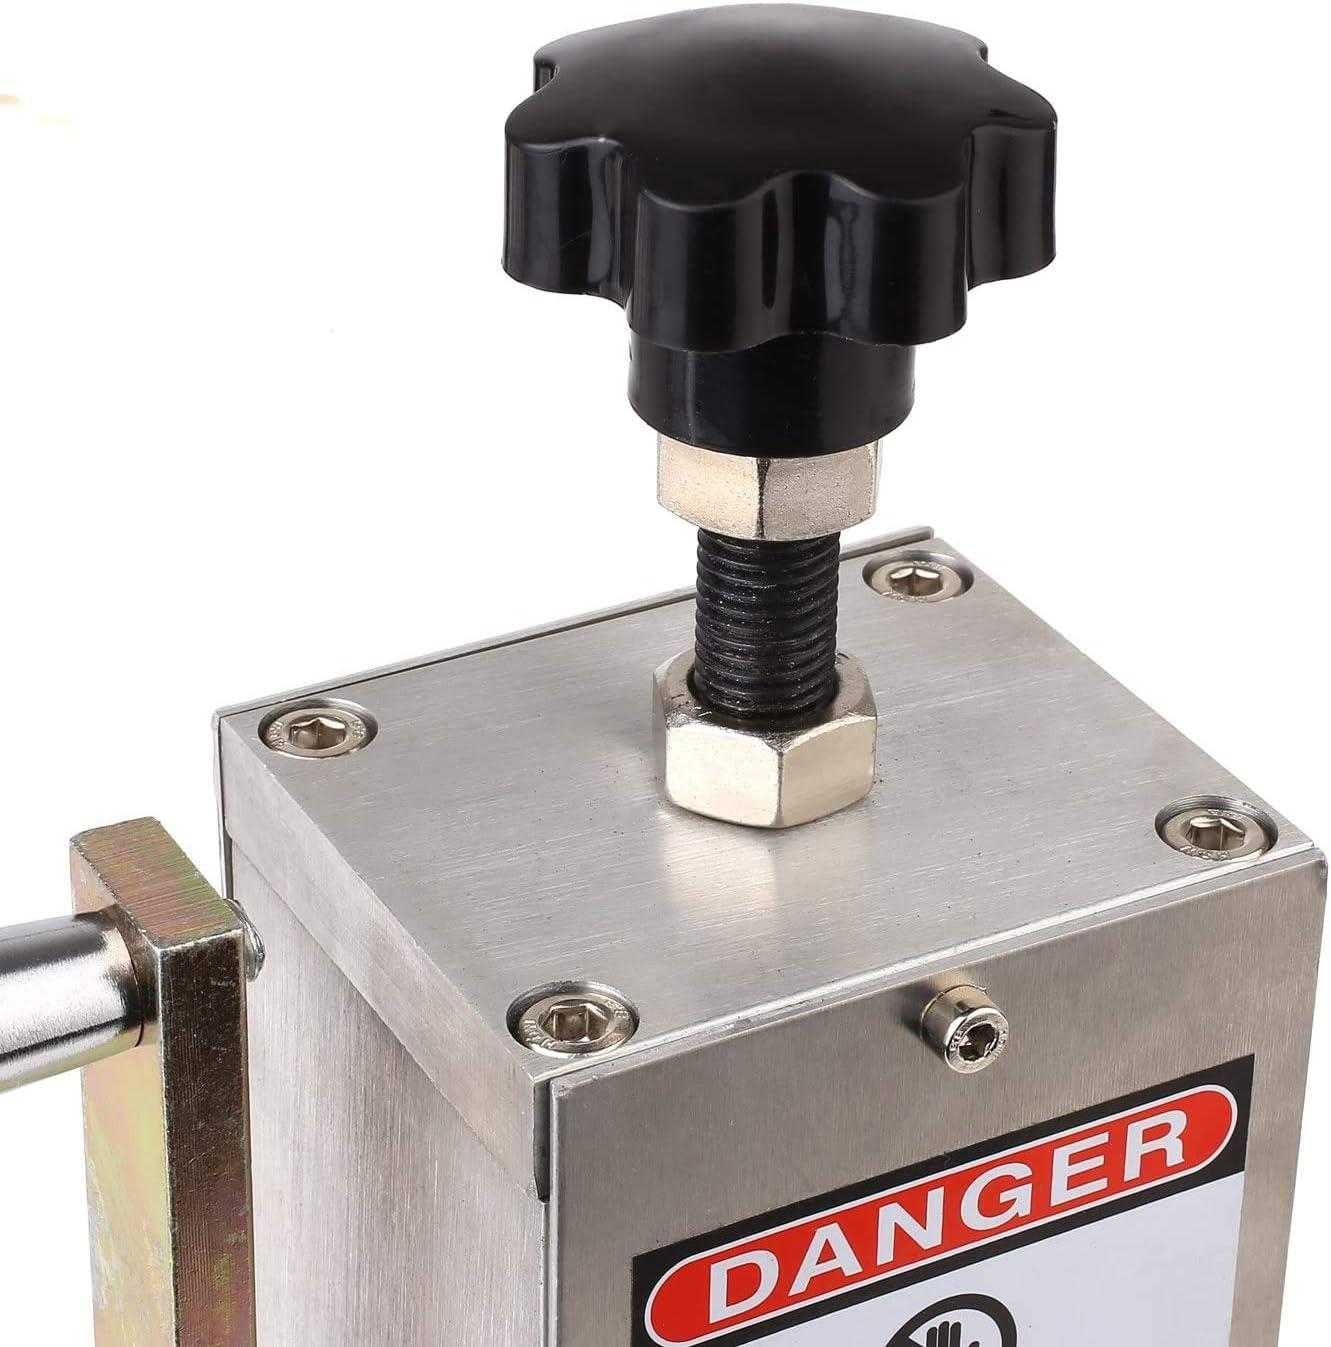 BiaBai Macchina manuale Connettore a spirale a doppio uso Linea elettrica Dispositivo parallelizzatore Cavo Spellafili Avvolgitore Spellafili automatica